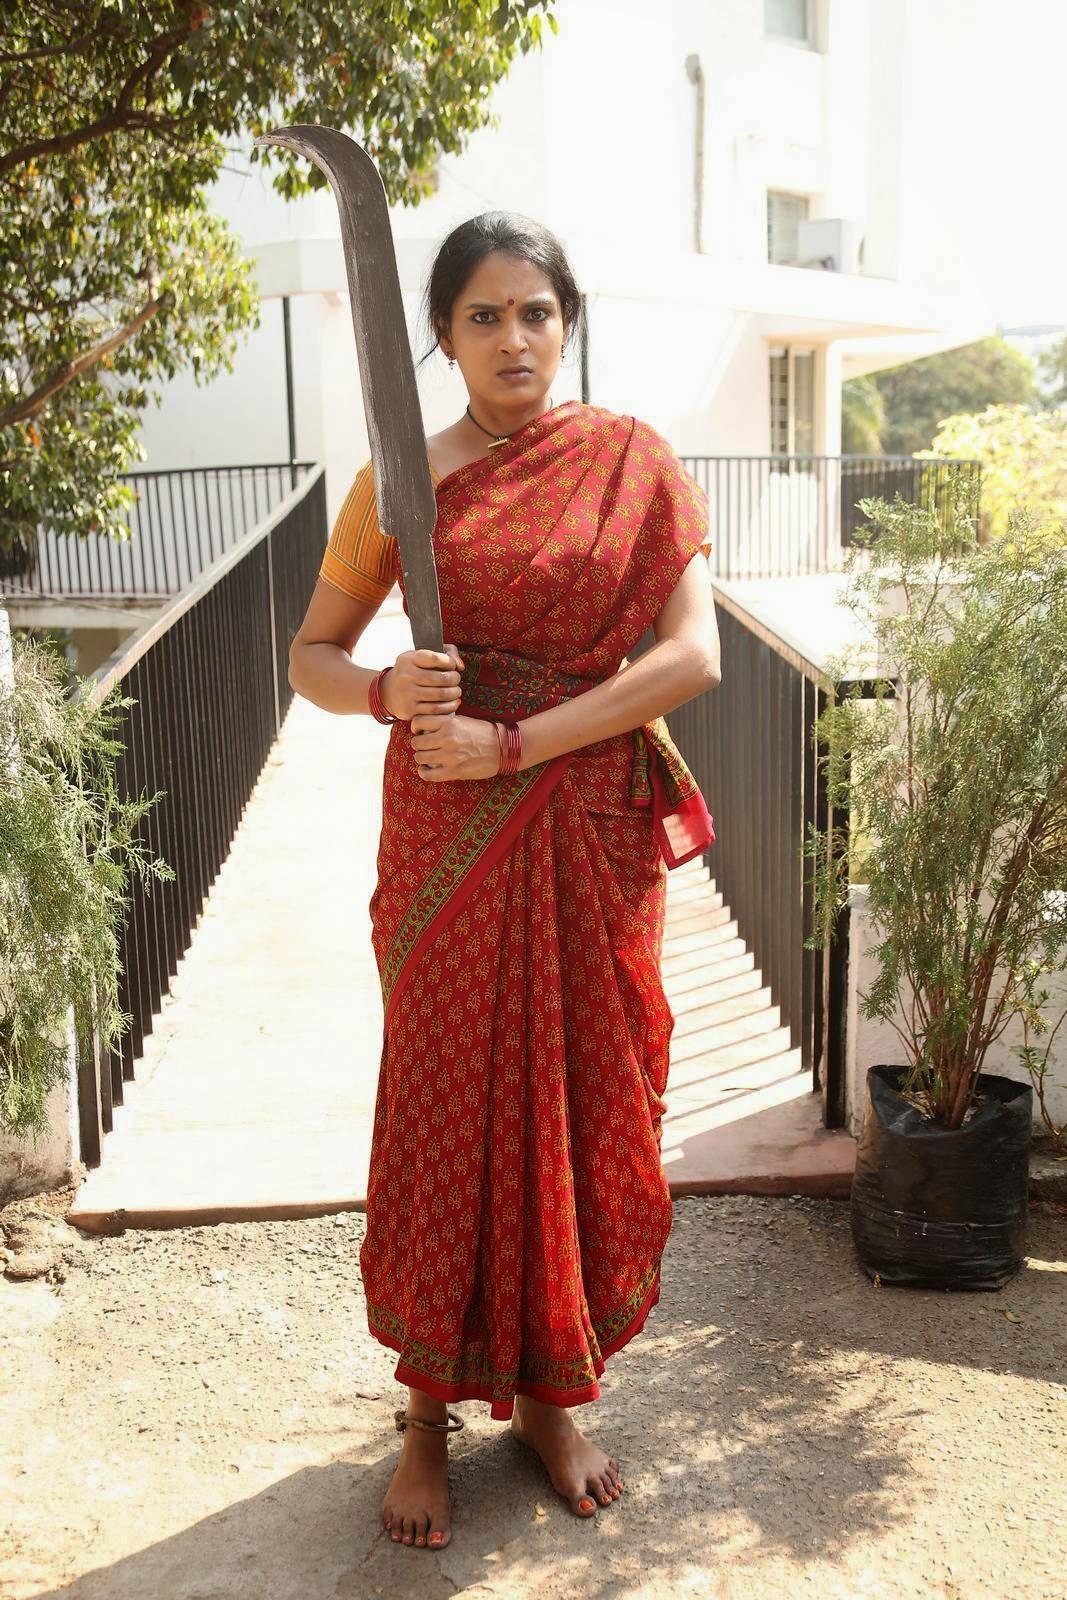 Himaja-Veta Kodavallu Telugu Movie First Look Wallpapers, Telegu Actress Himaja Hot Pics In sare from Veta Kodavallu Movie